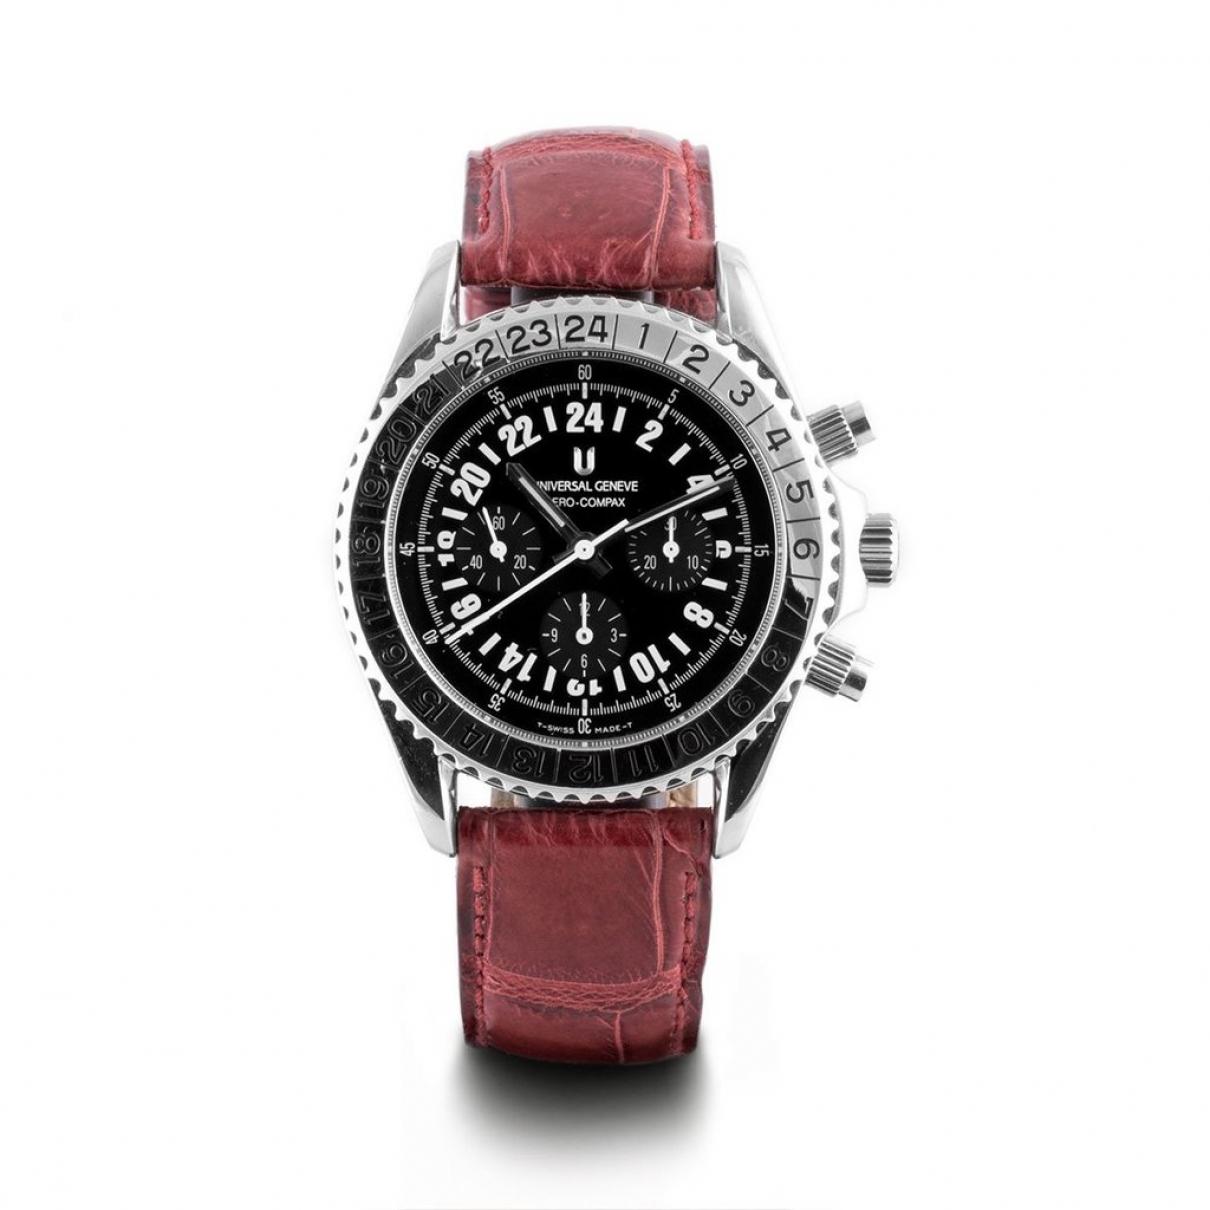 Universal Geneve \N Uhr in  Schwarz Stahl